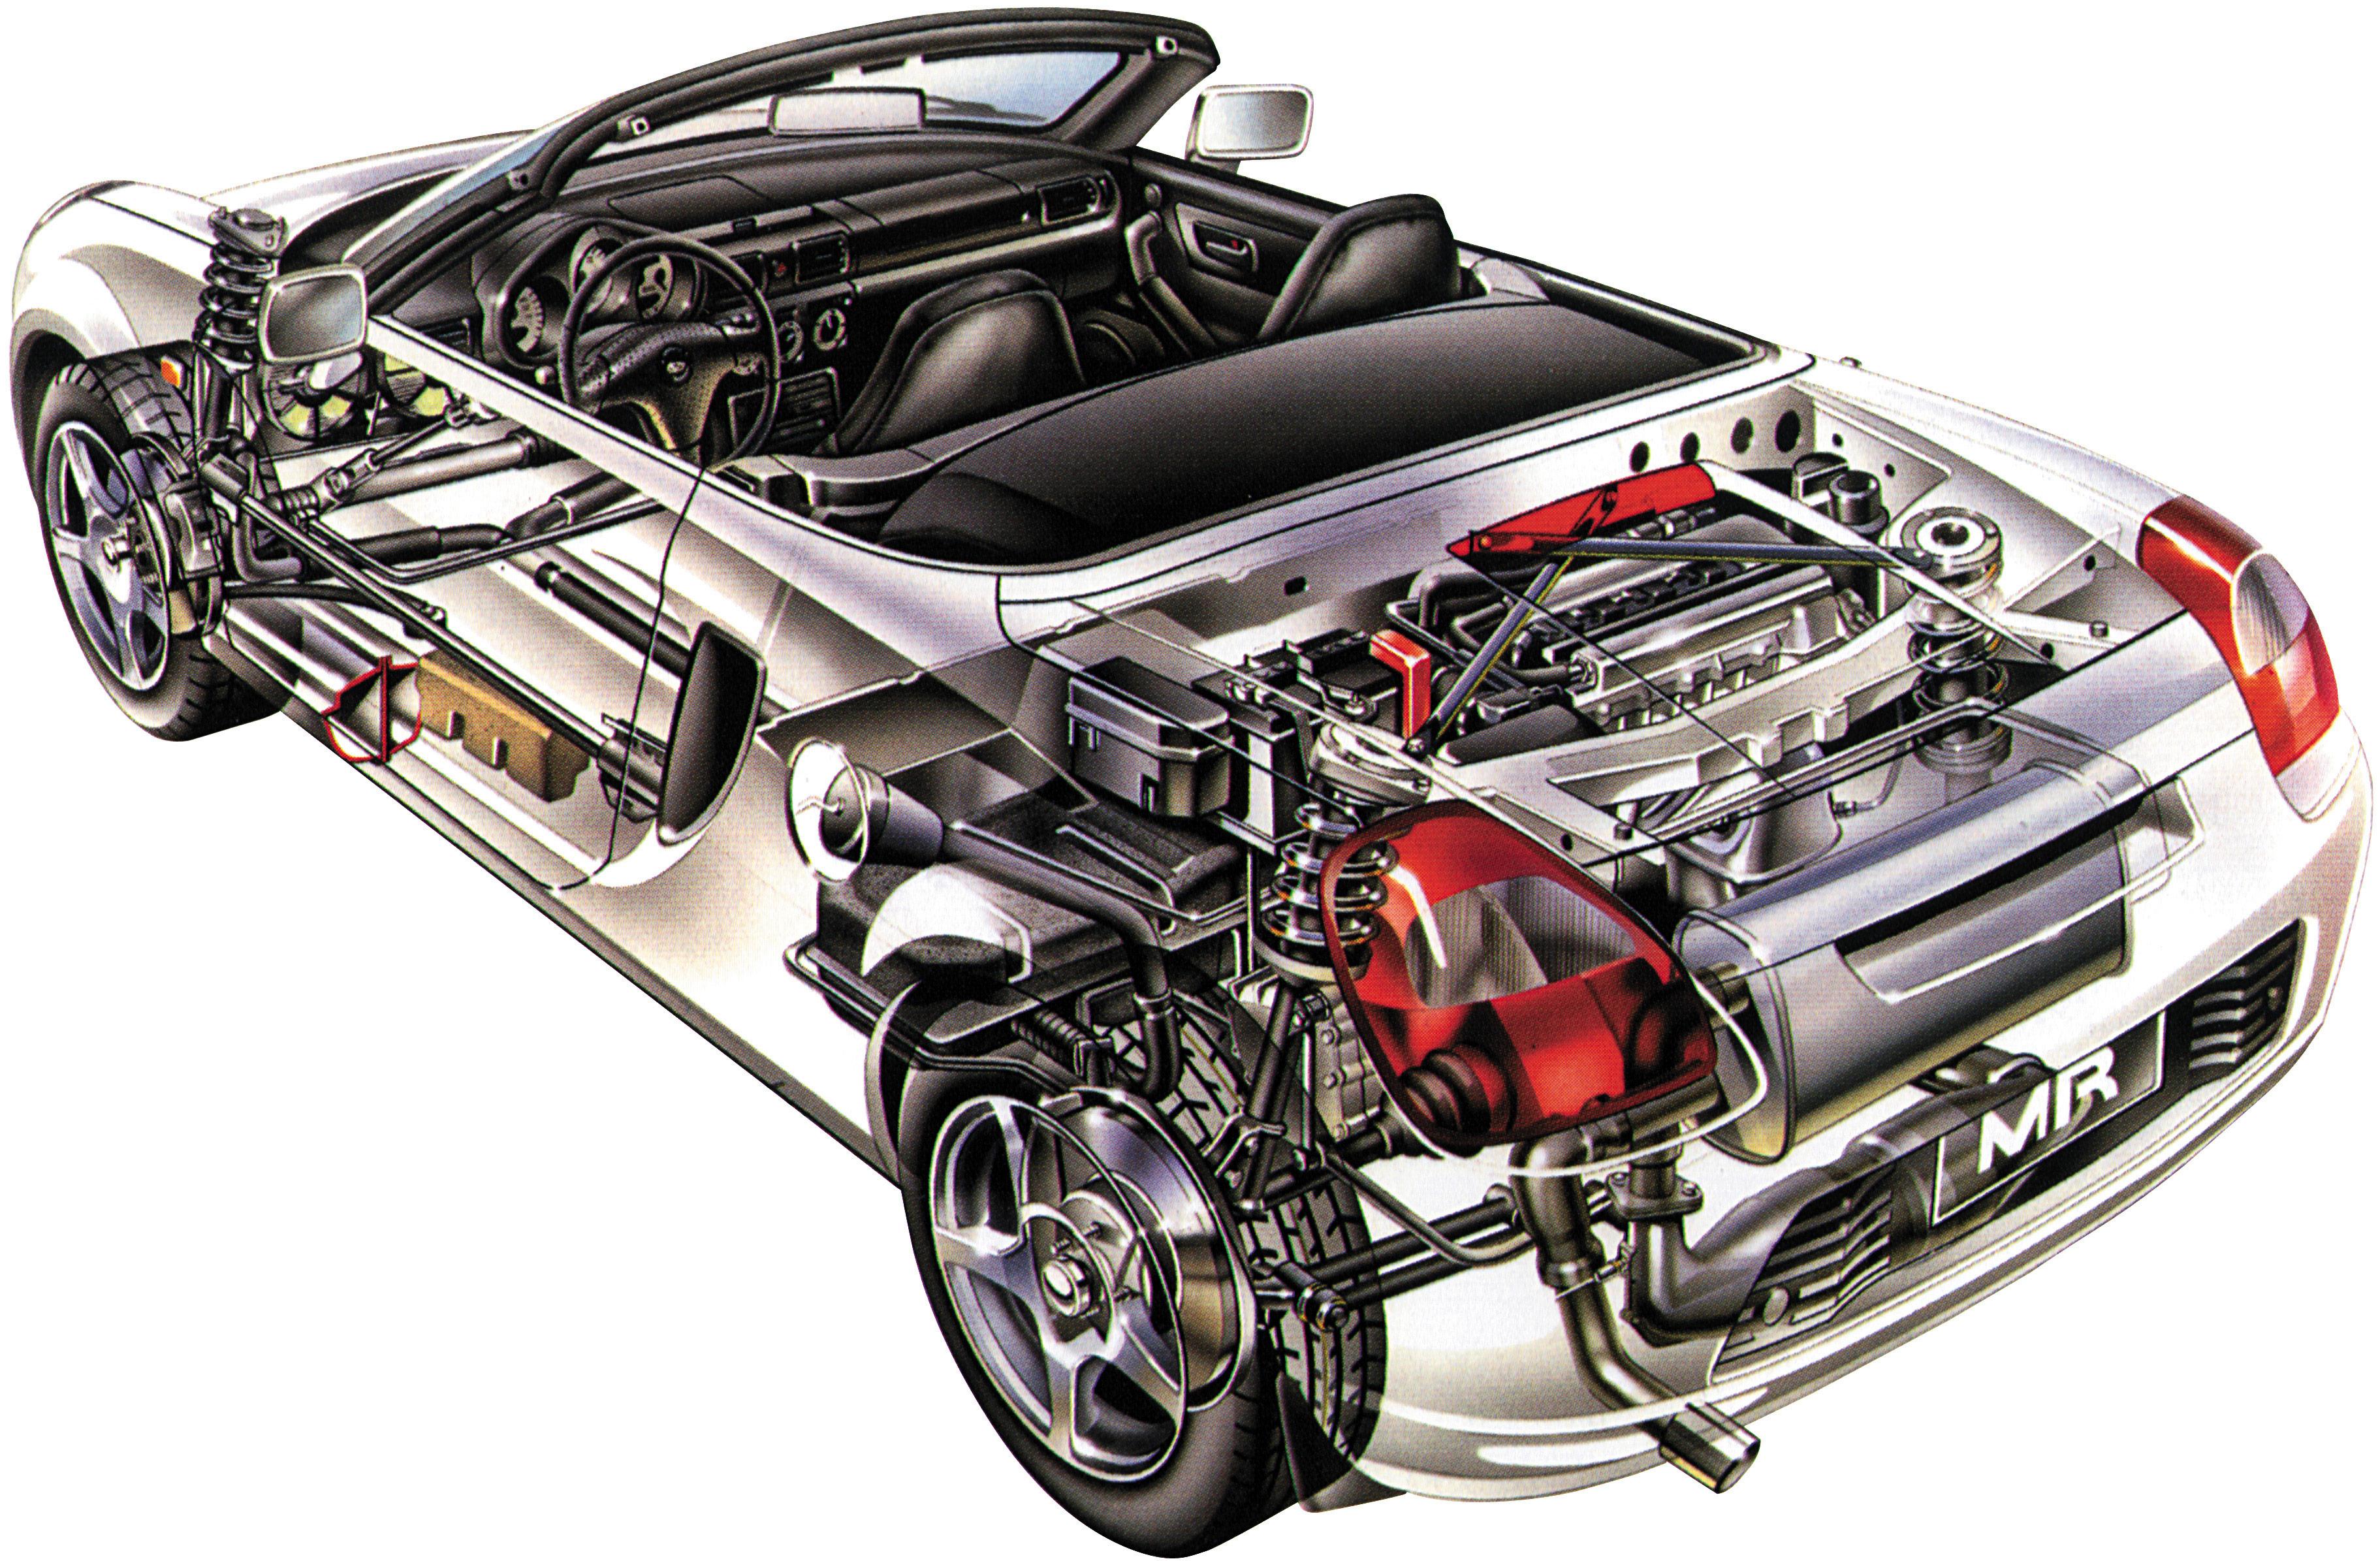 porsche 924 engine diagram toyota mr2 w30 cutaway drawing in high quality #10